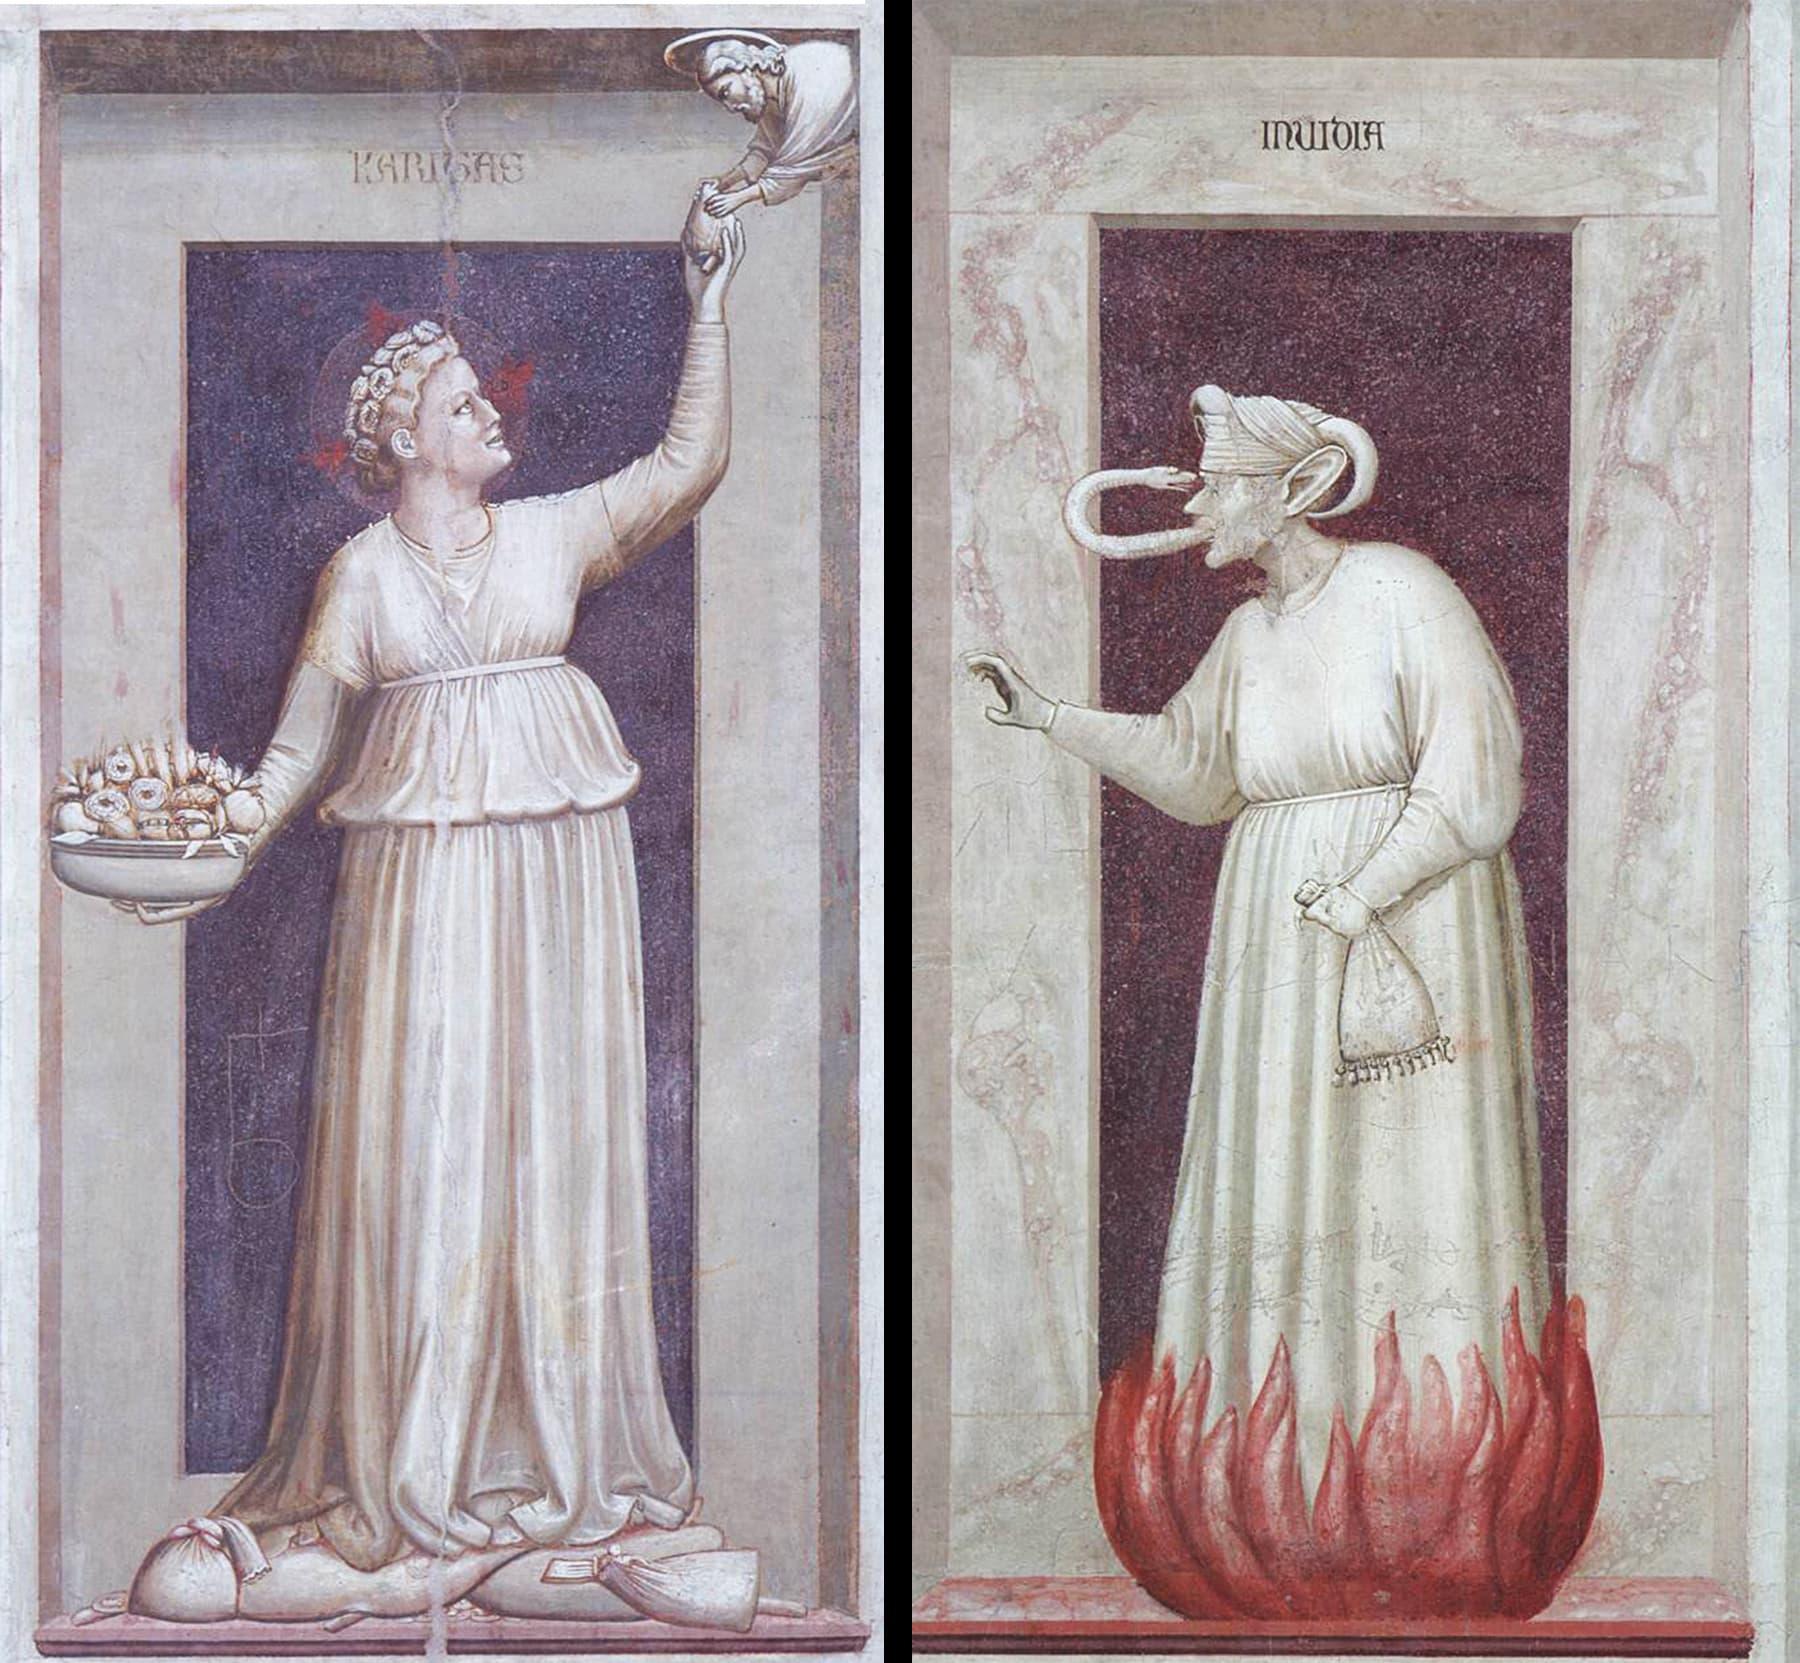 """""""زندگی گزارنے کے افضل اعمال اور برائی""""، حسد کی آگ میں جلنے کی برائی اور صدقہ و خیرات کی اہمیت کو ظاہر کیا گیا ہے۔"""